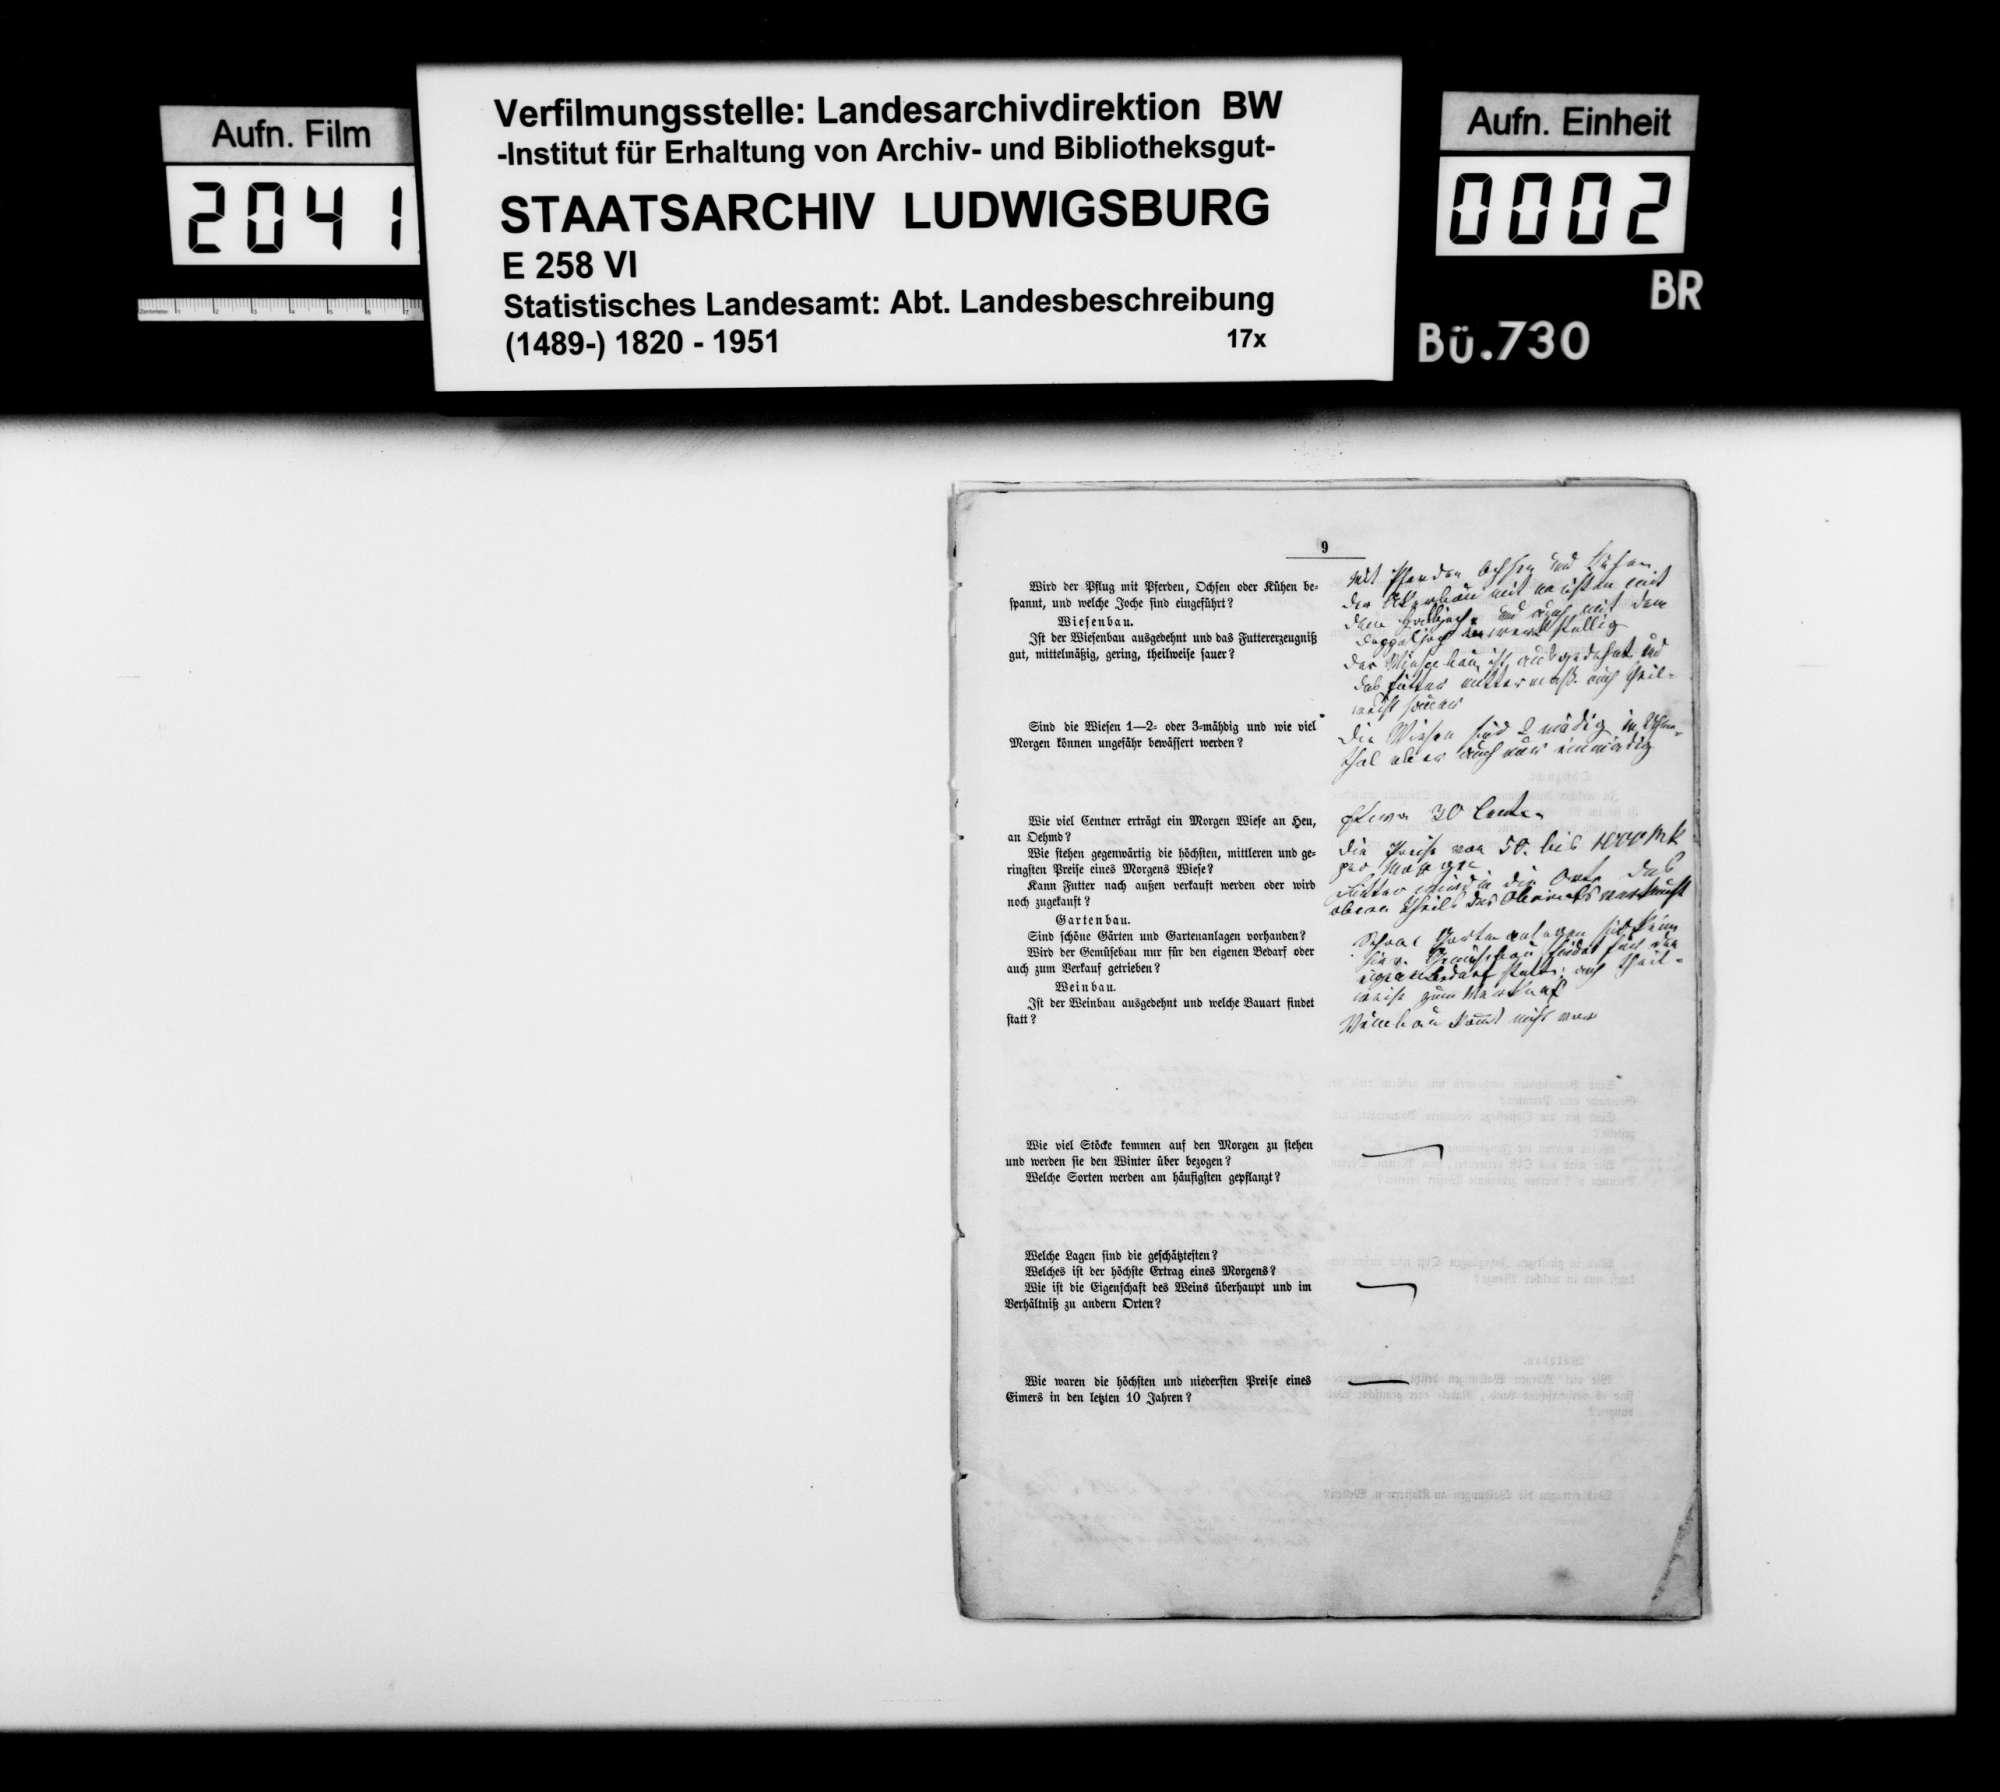 Beschreibung des Oberamts, von Trigonometer Diezel (Teile des Konzepts und Ausfertigung), Bild 1